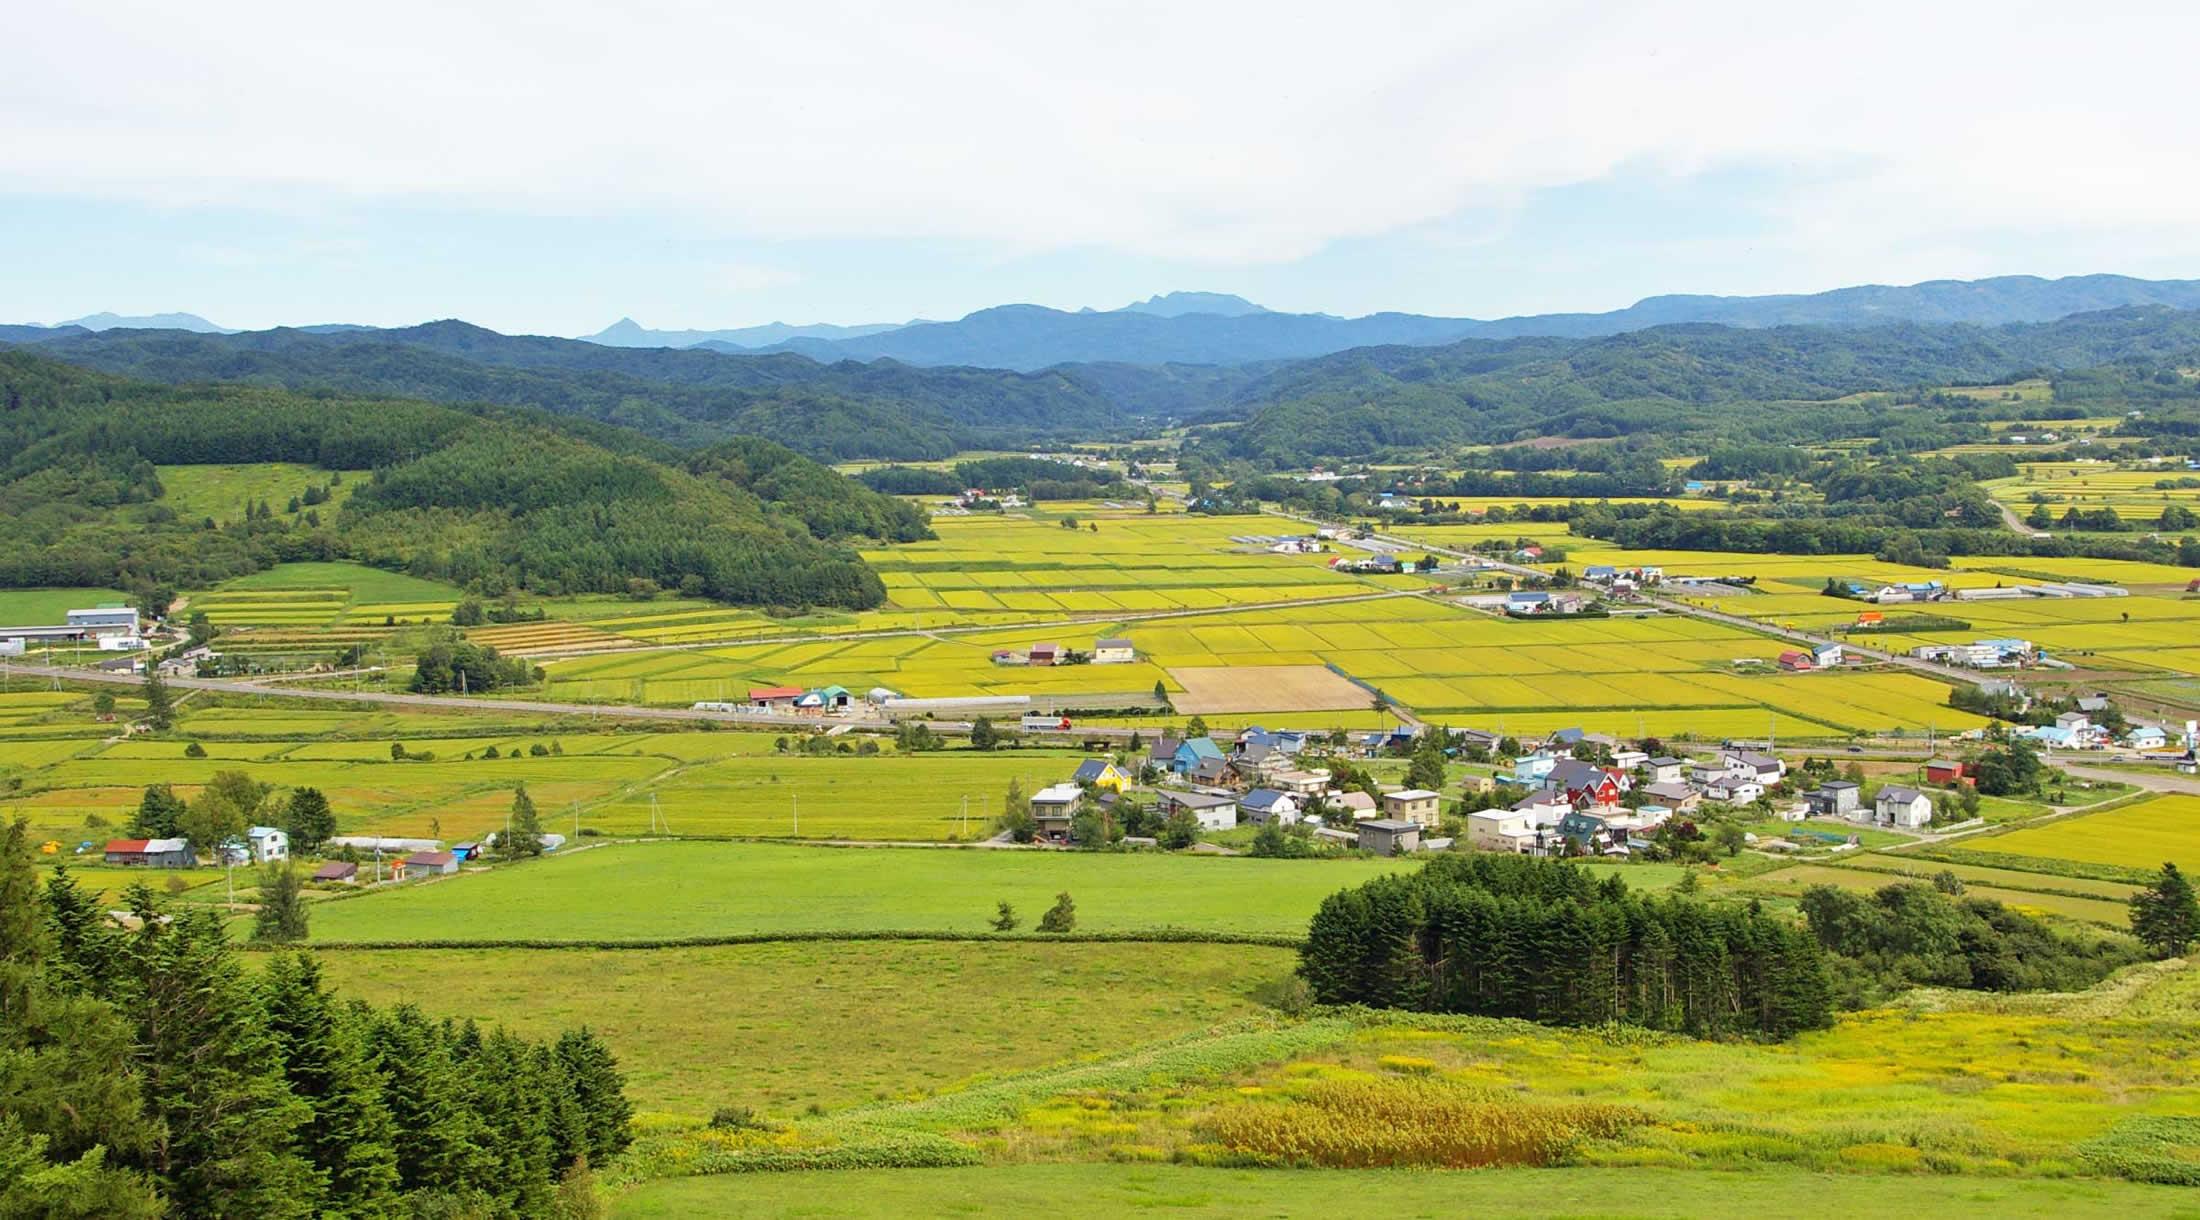 岩見沢市田園風景